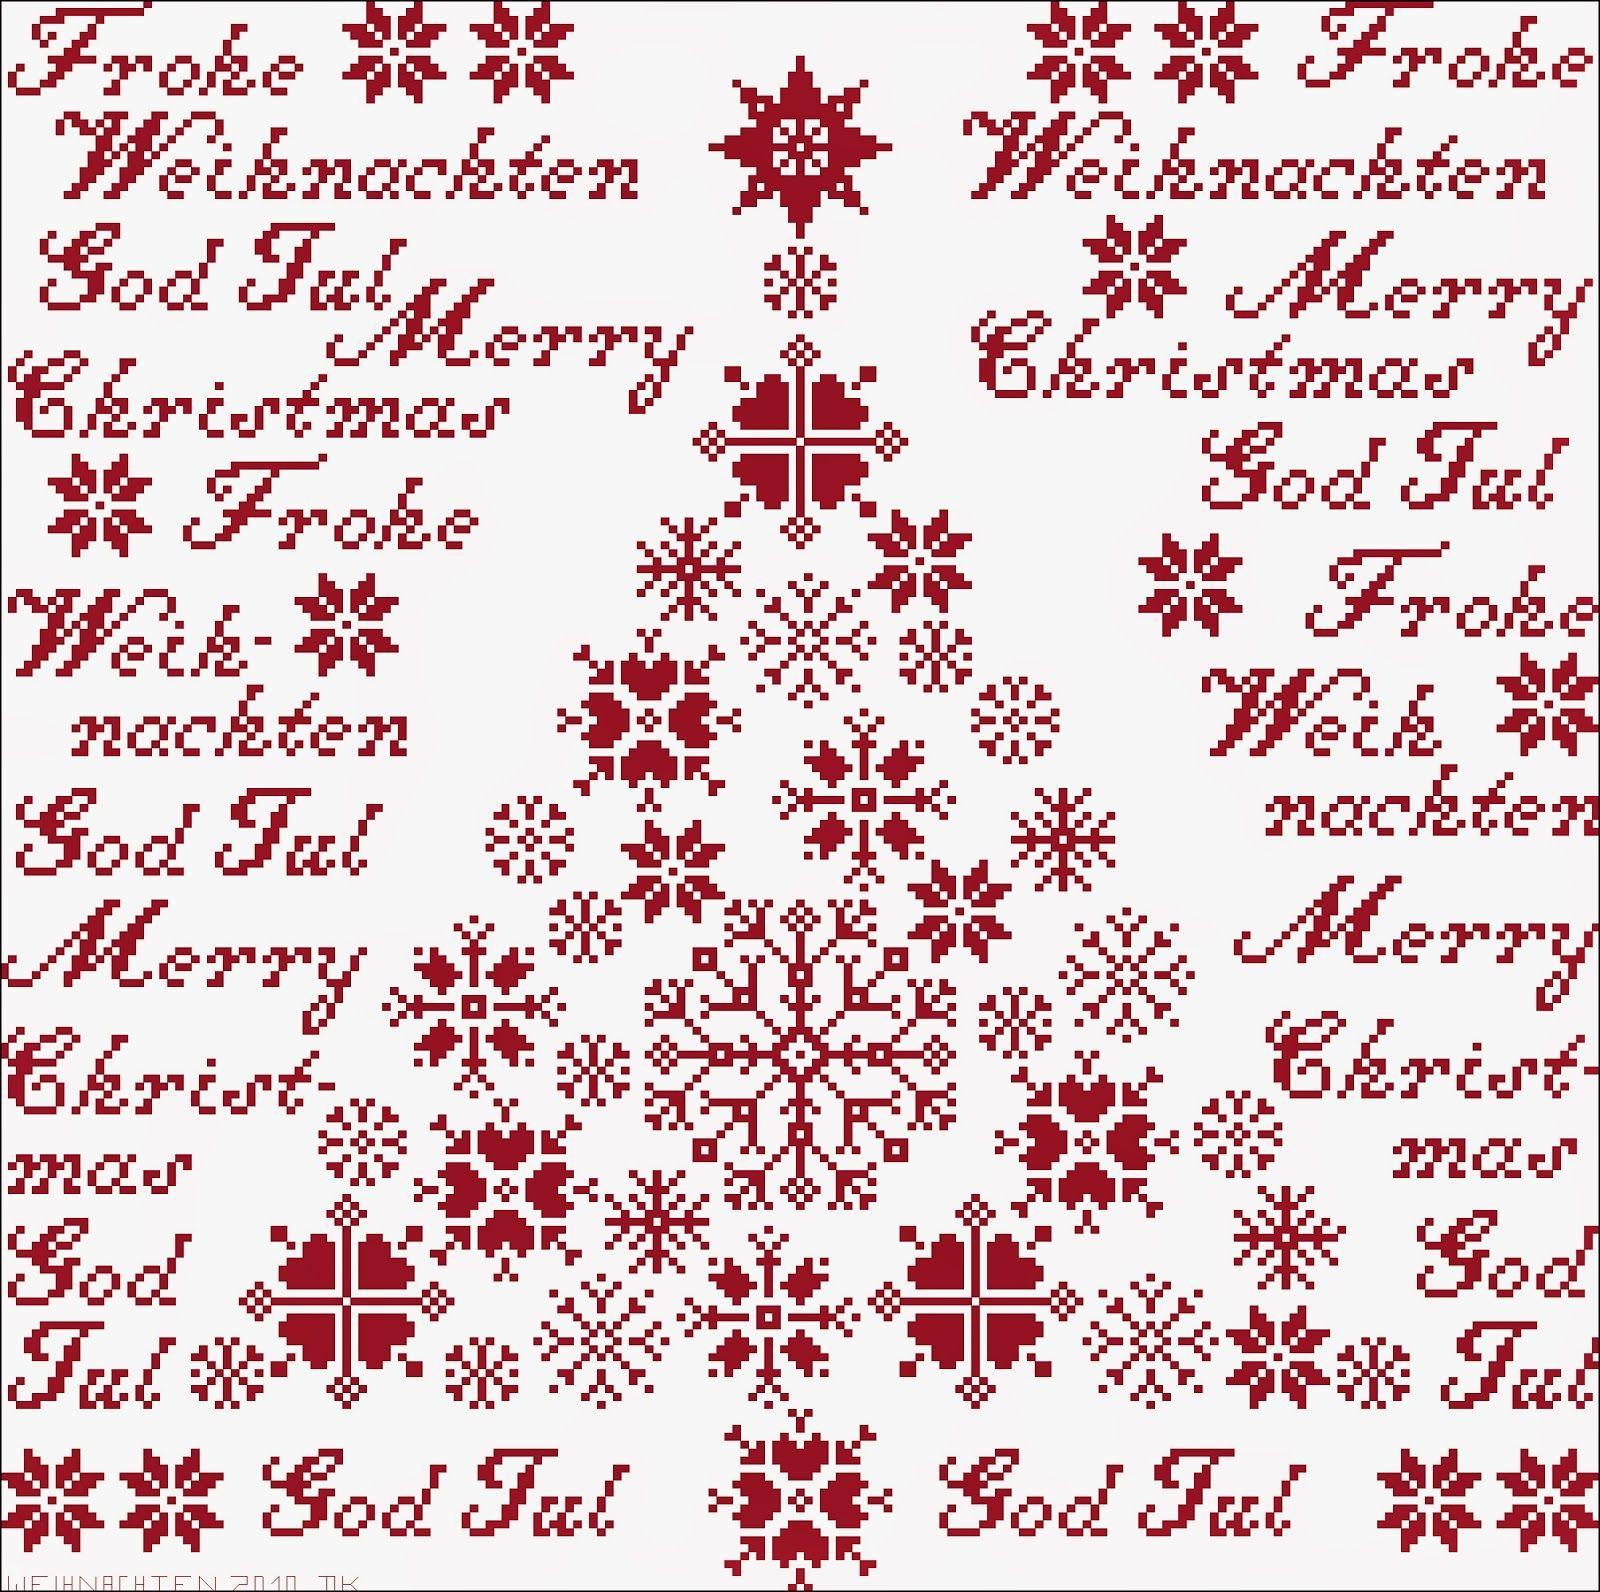 Frohe+Weihnachten+2010+2936.jpg (1600×1592)